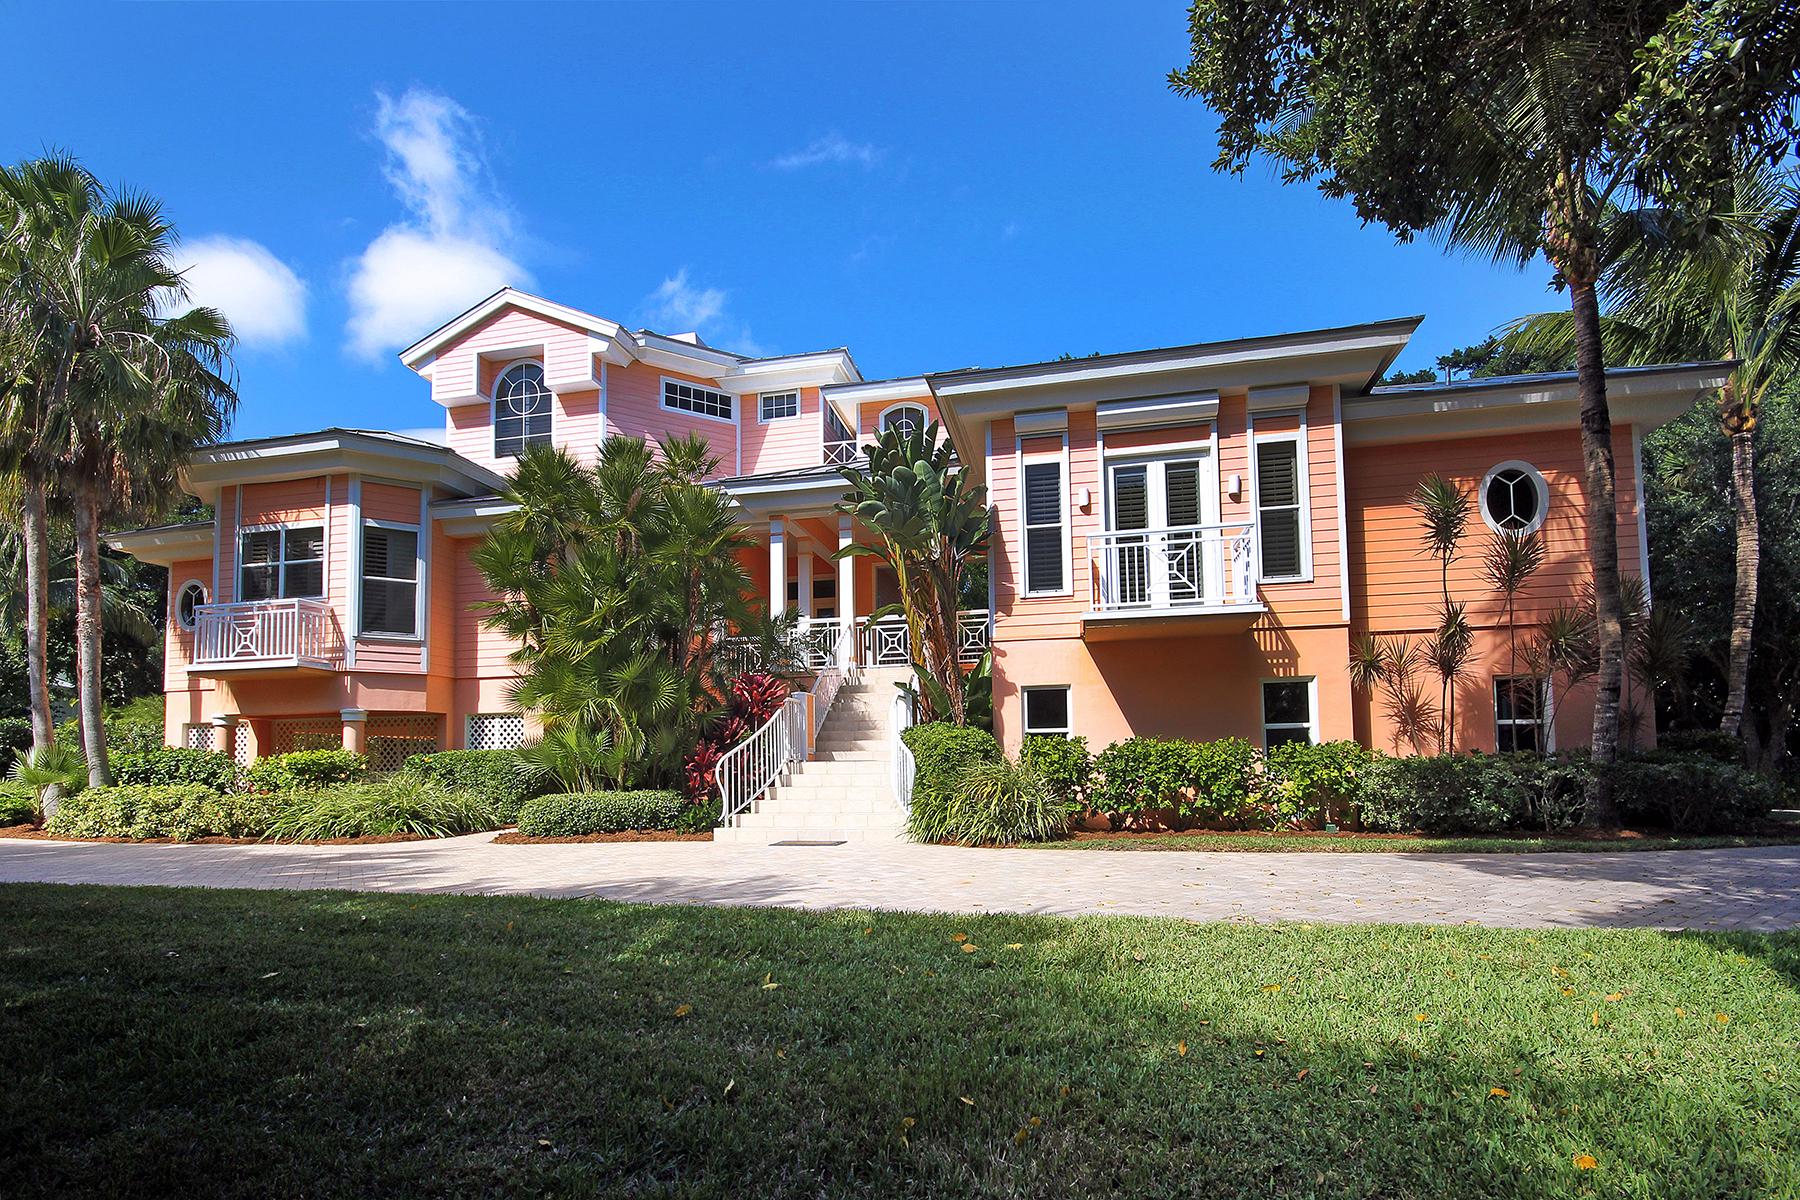 Maison unifamiliale pour l Vente à CAPTIVA 11530 Paige Ct Captiva, Florida 33924 États-Unis